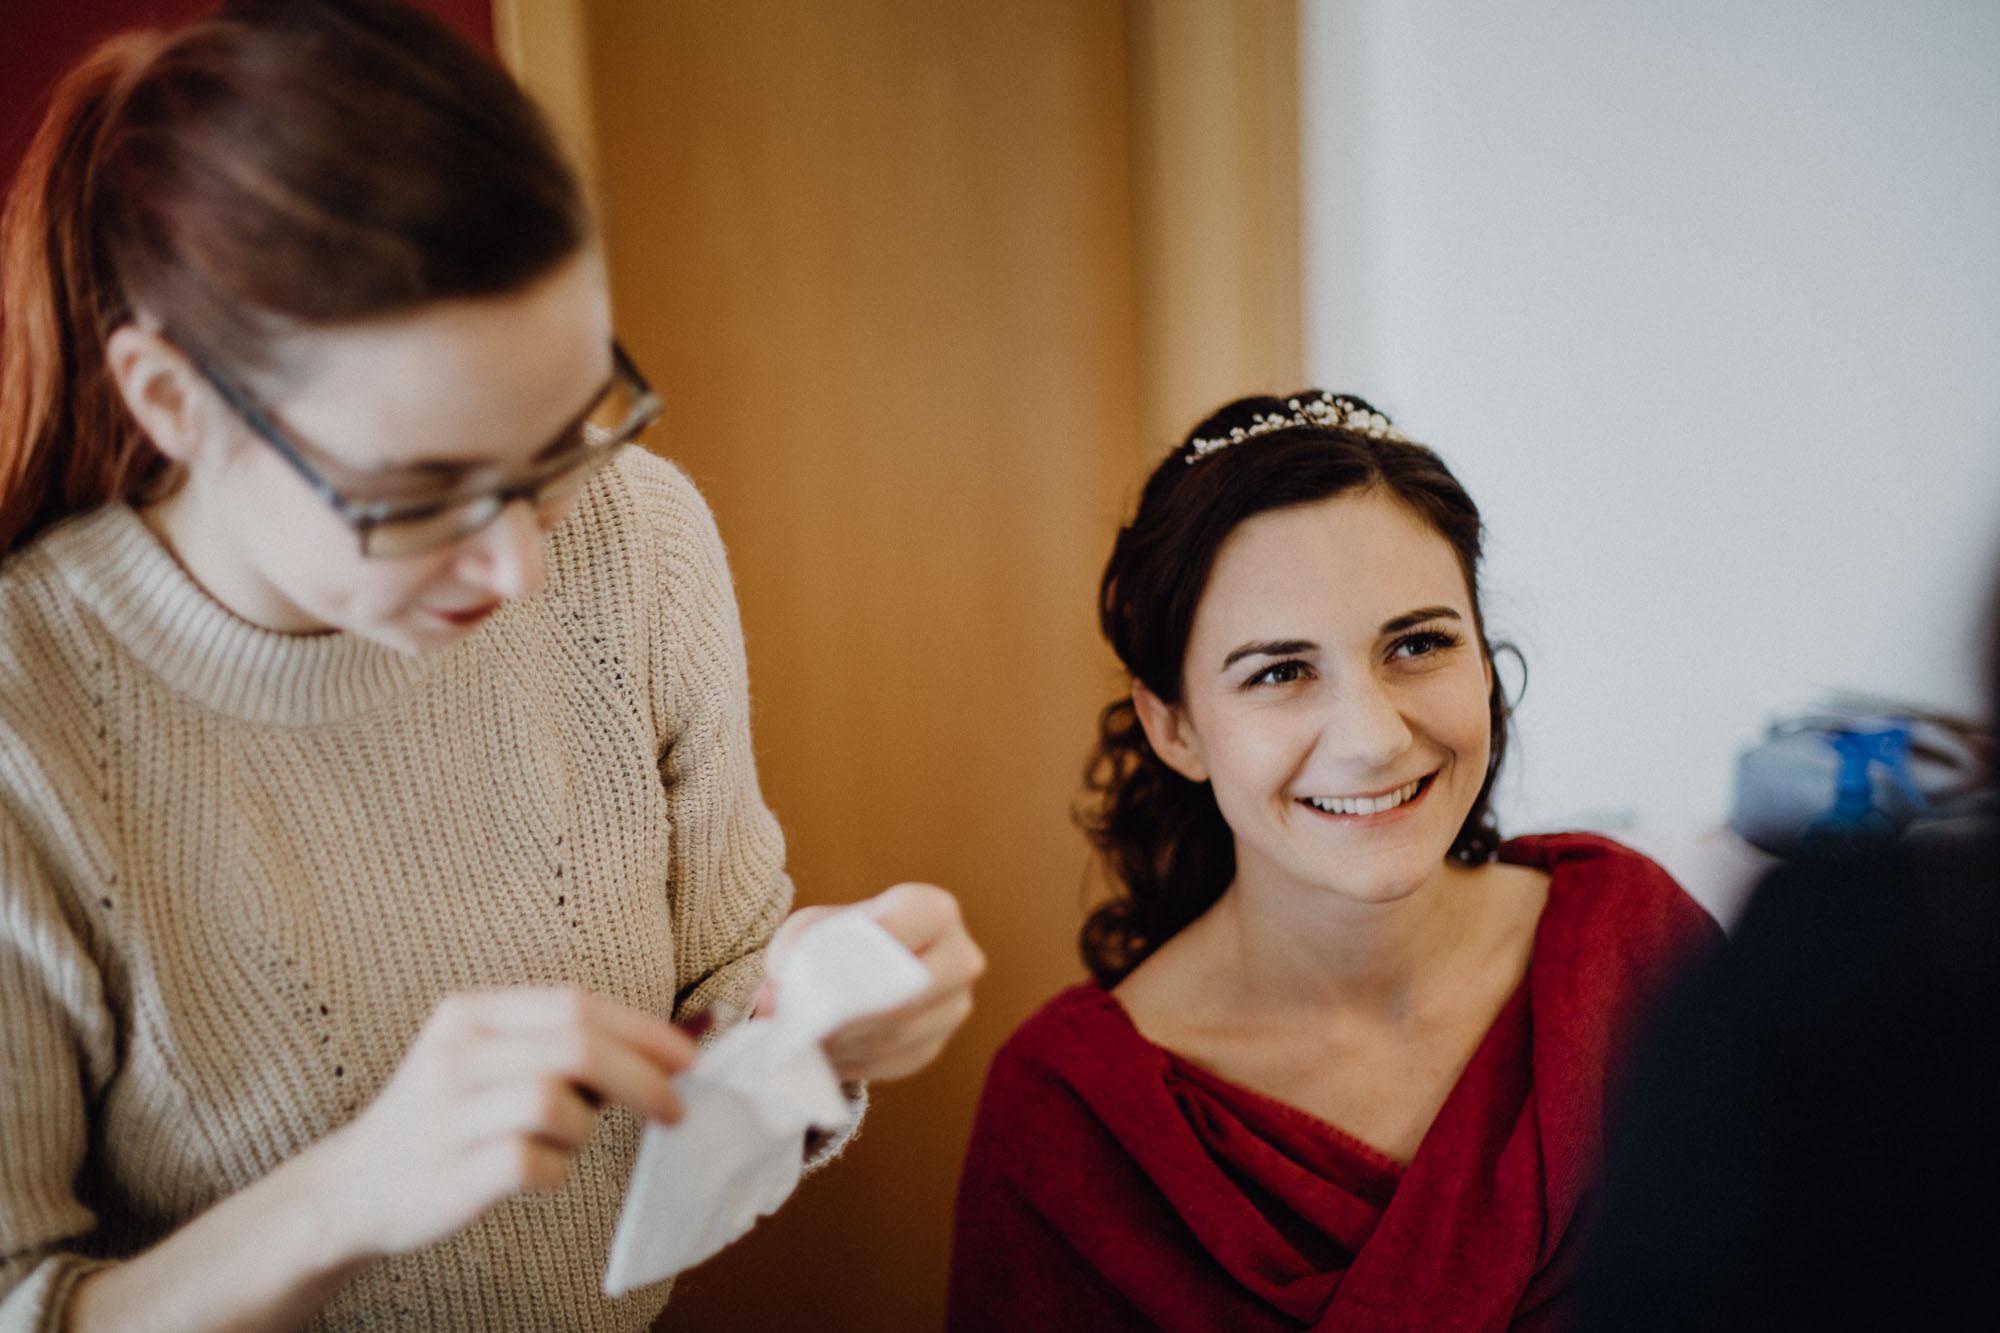 raissa simon photography destination wedding munich bayrischer wald winter snow 004 - Christine + Benjamin